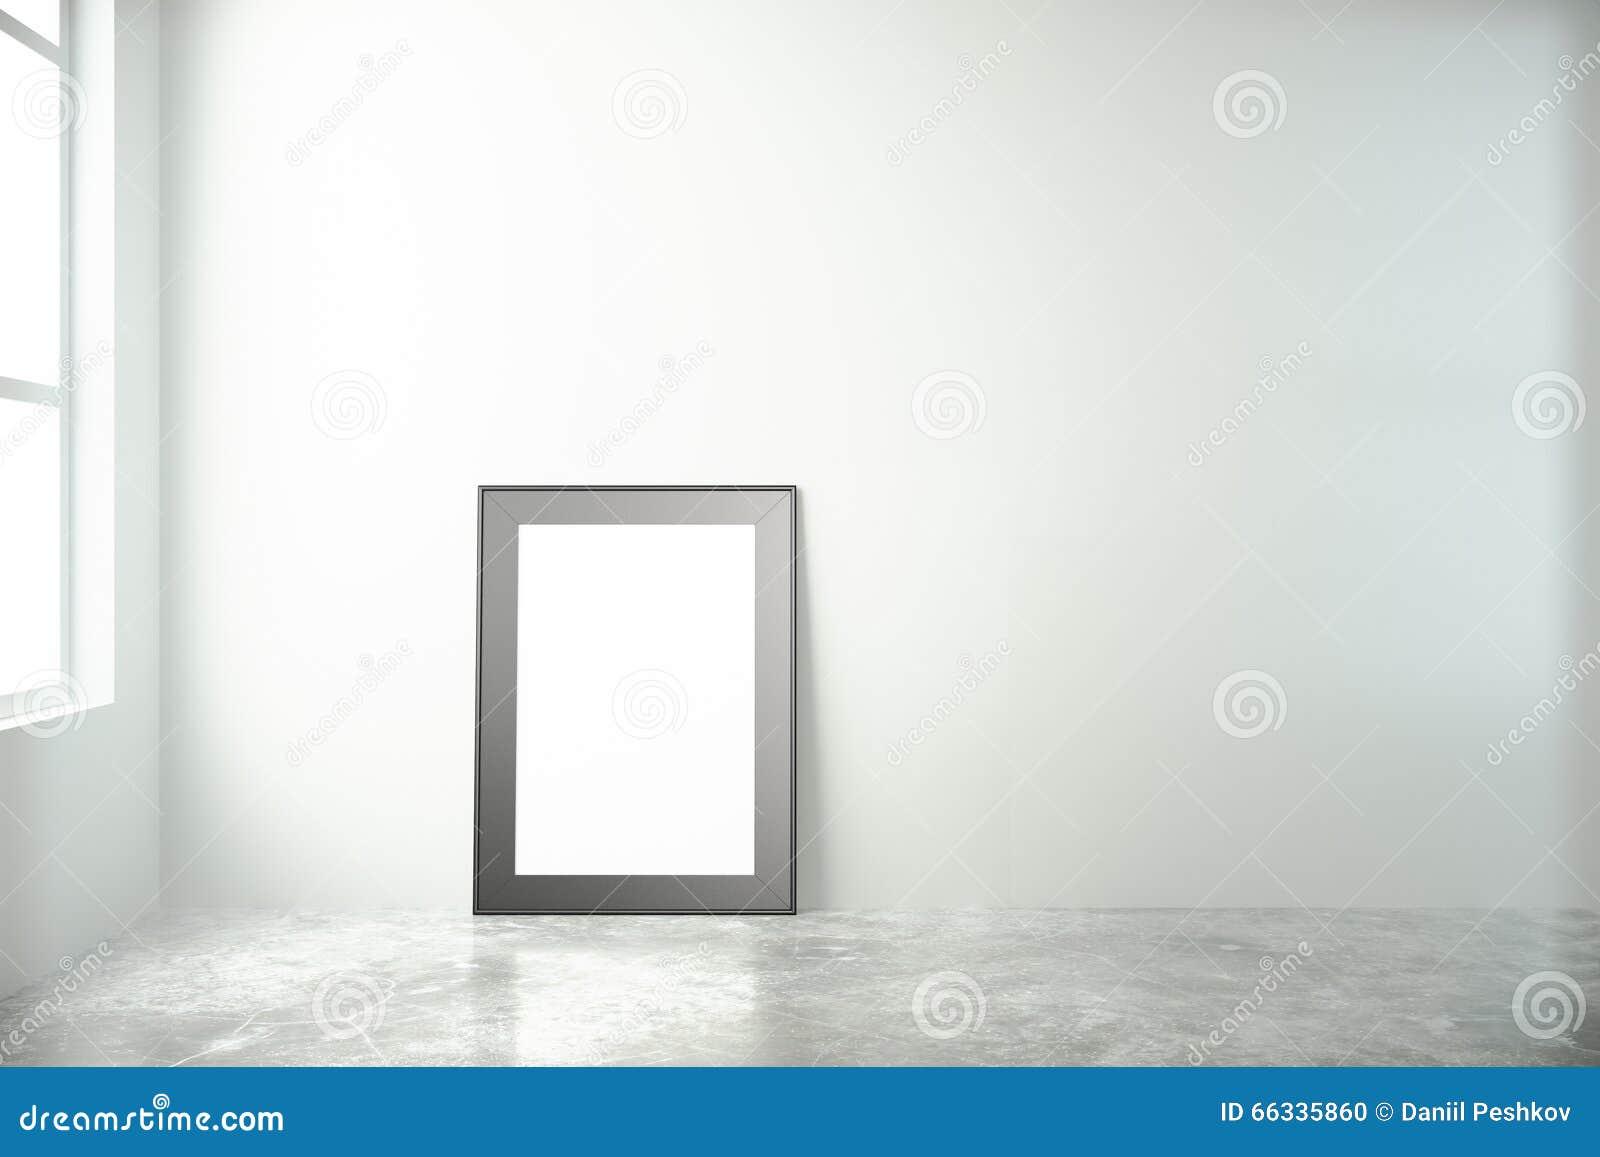 Leerer Bilderrahmen In Einem Reinraum Mit Fenster Und Konkretem Flo ...